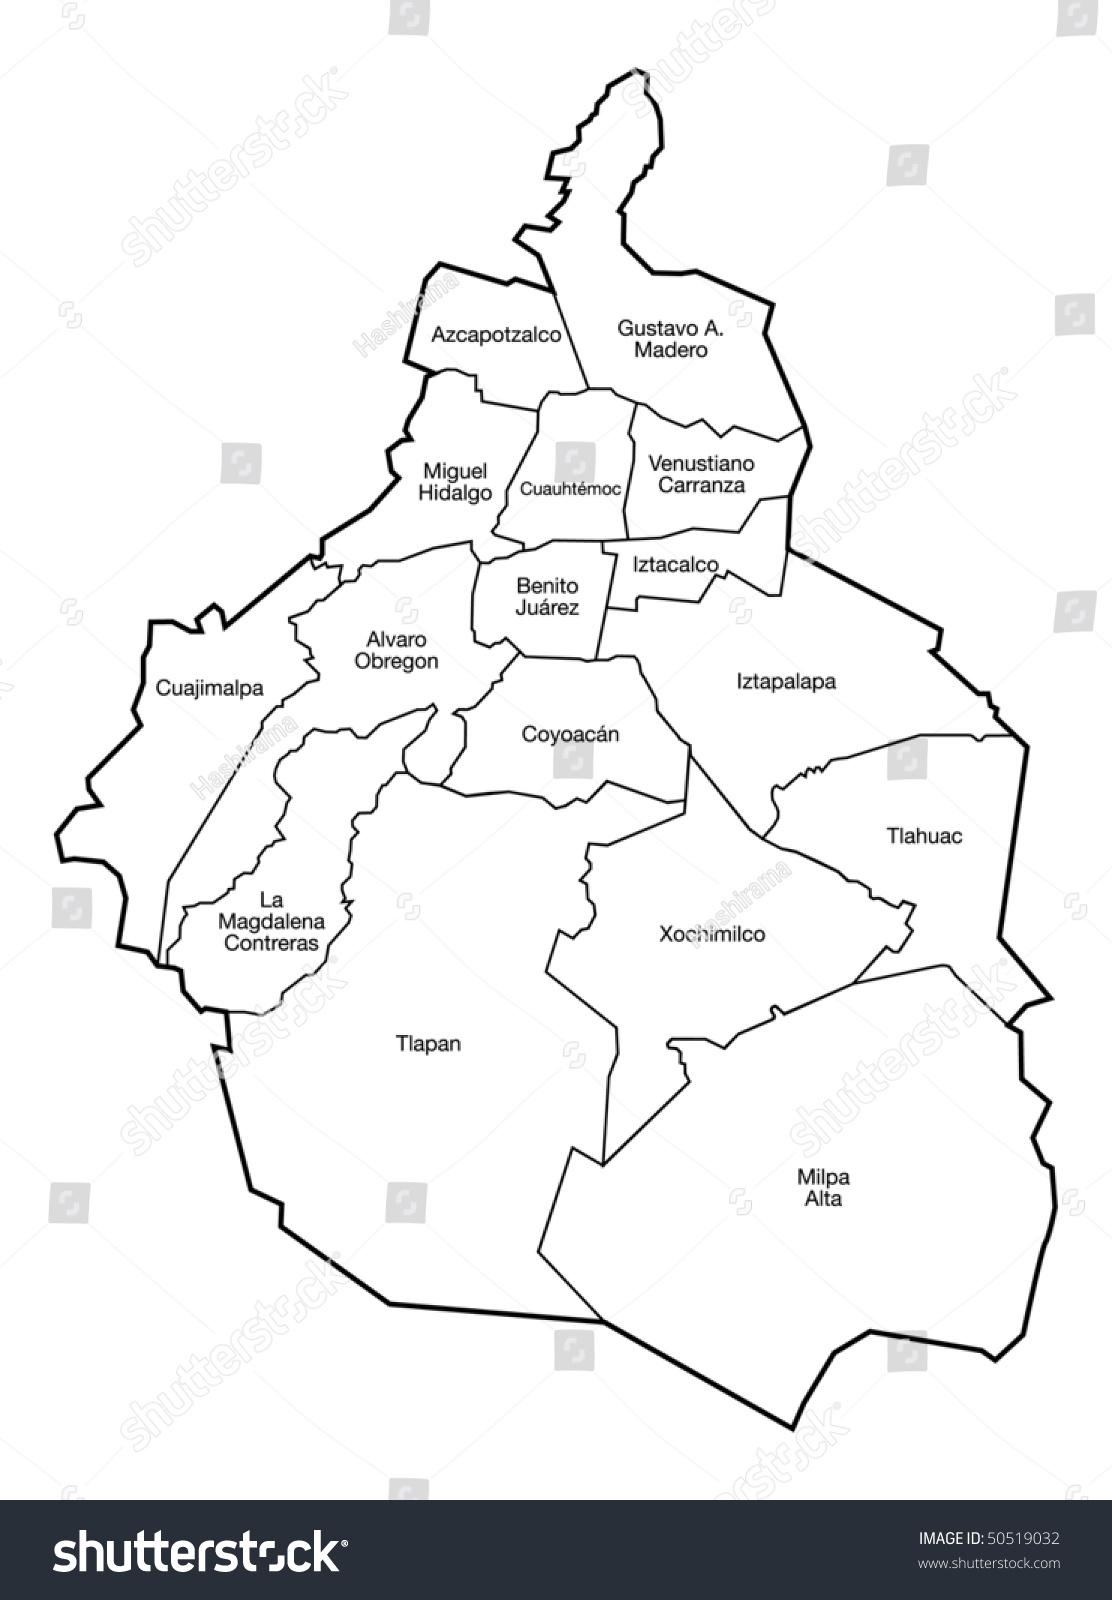 distrito federal map mexico city stock vector 50519032 shutterstock